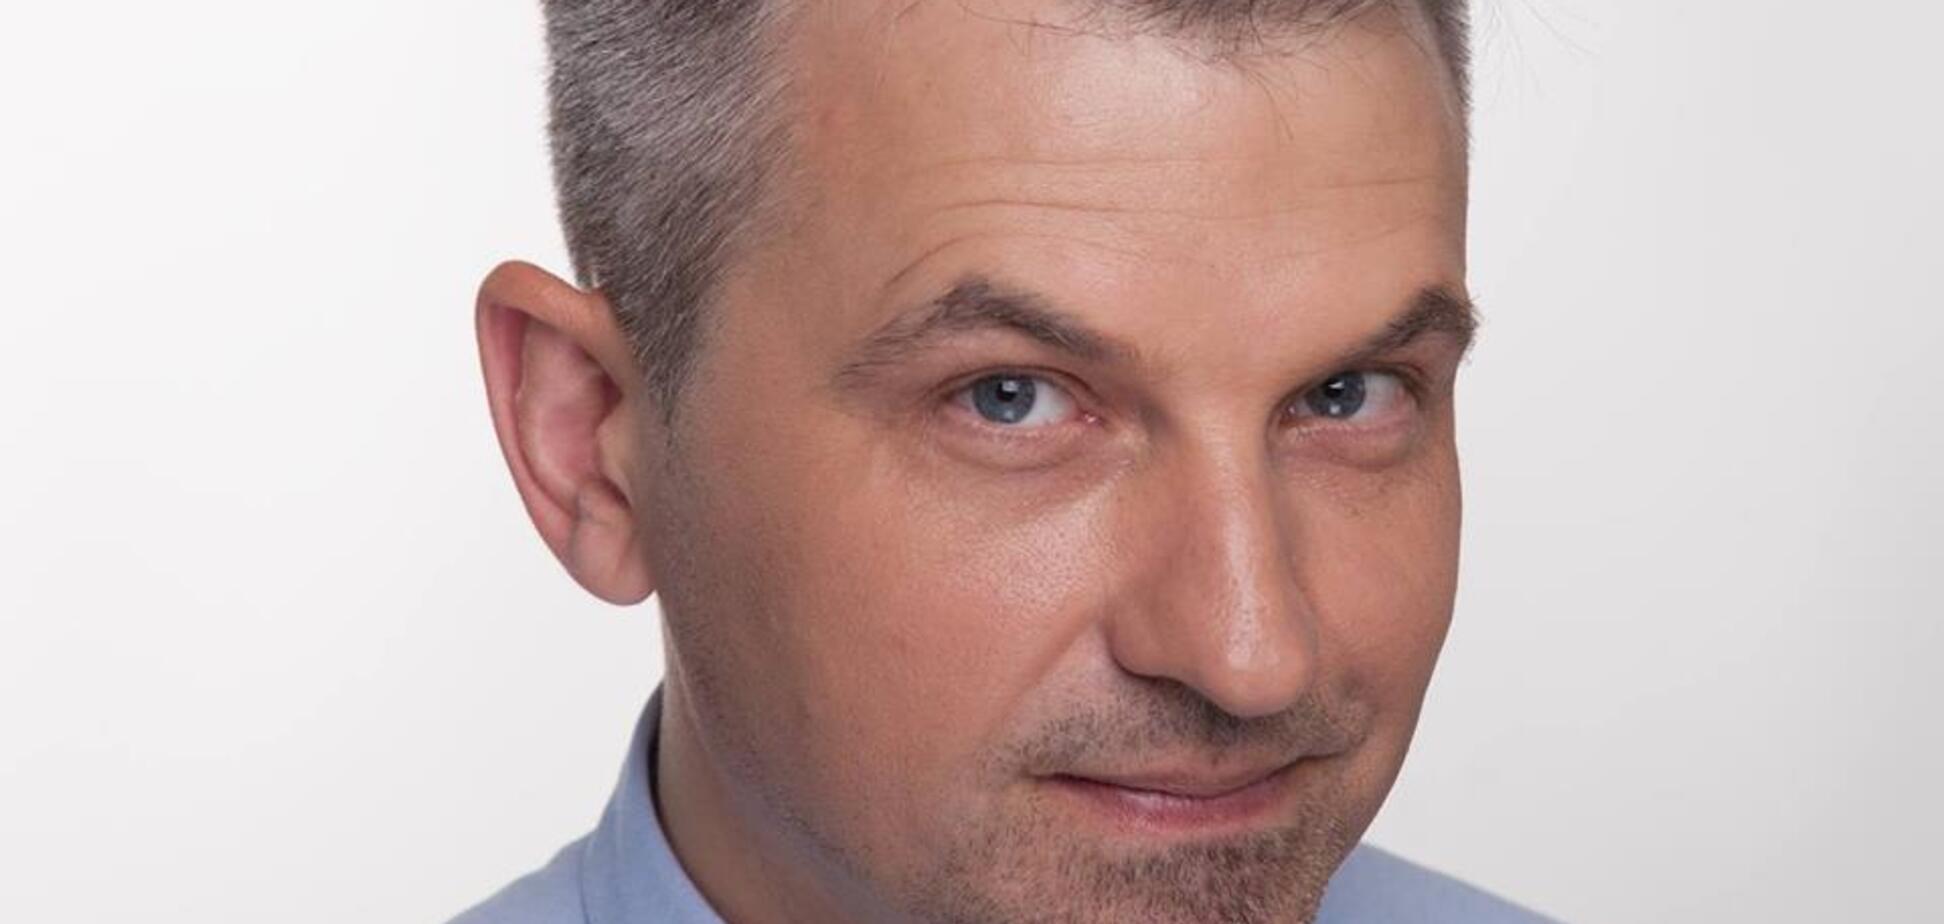 'Їх треба дебати': Скрипіну запропонували нове амплуа після скандалу з Євробаченням